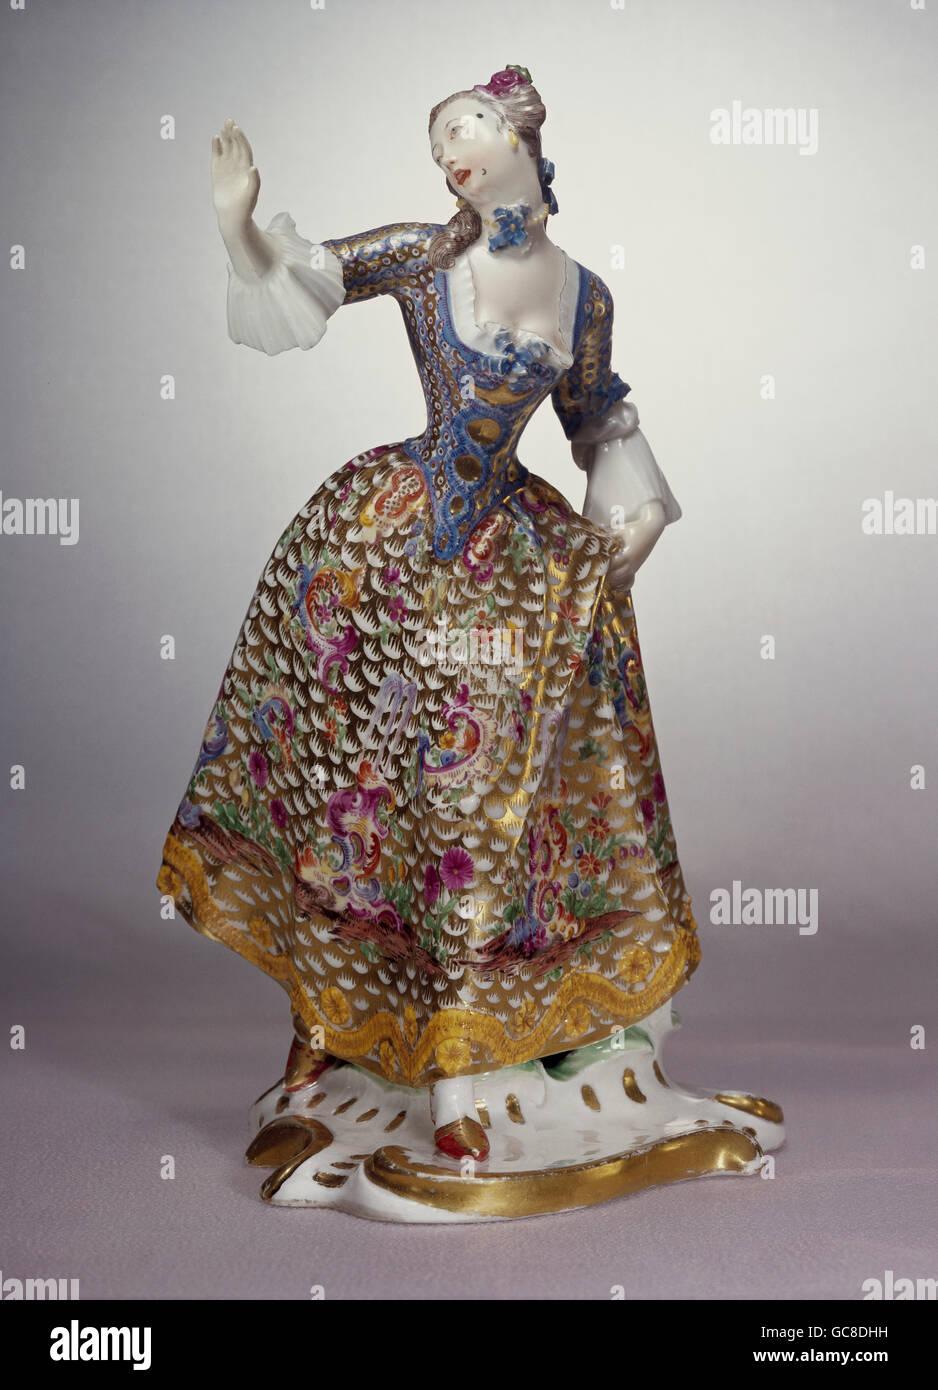 bildende kunst porzellan figuren leda franz anton bustelli porzellan manufaktur nymphenburg. Black Bedroom Furniture Sets. Home Design Ideas